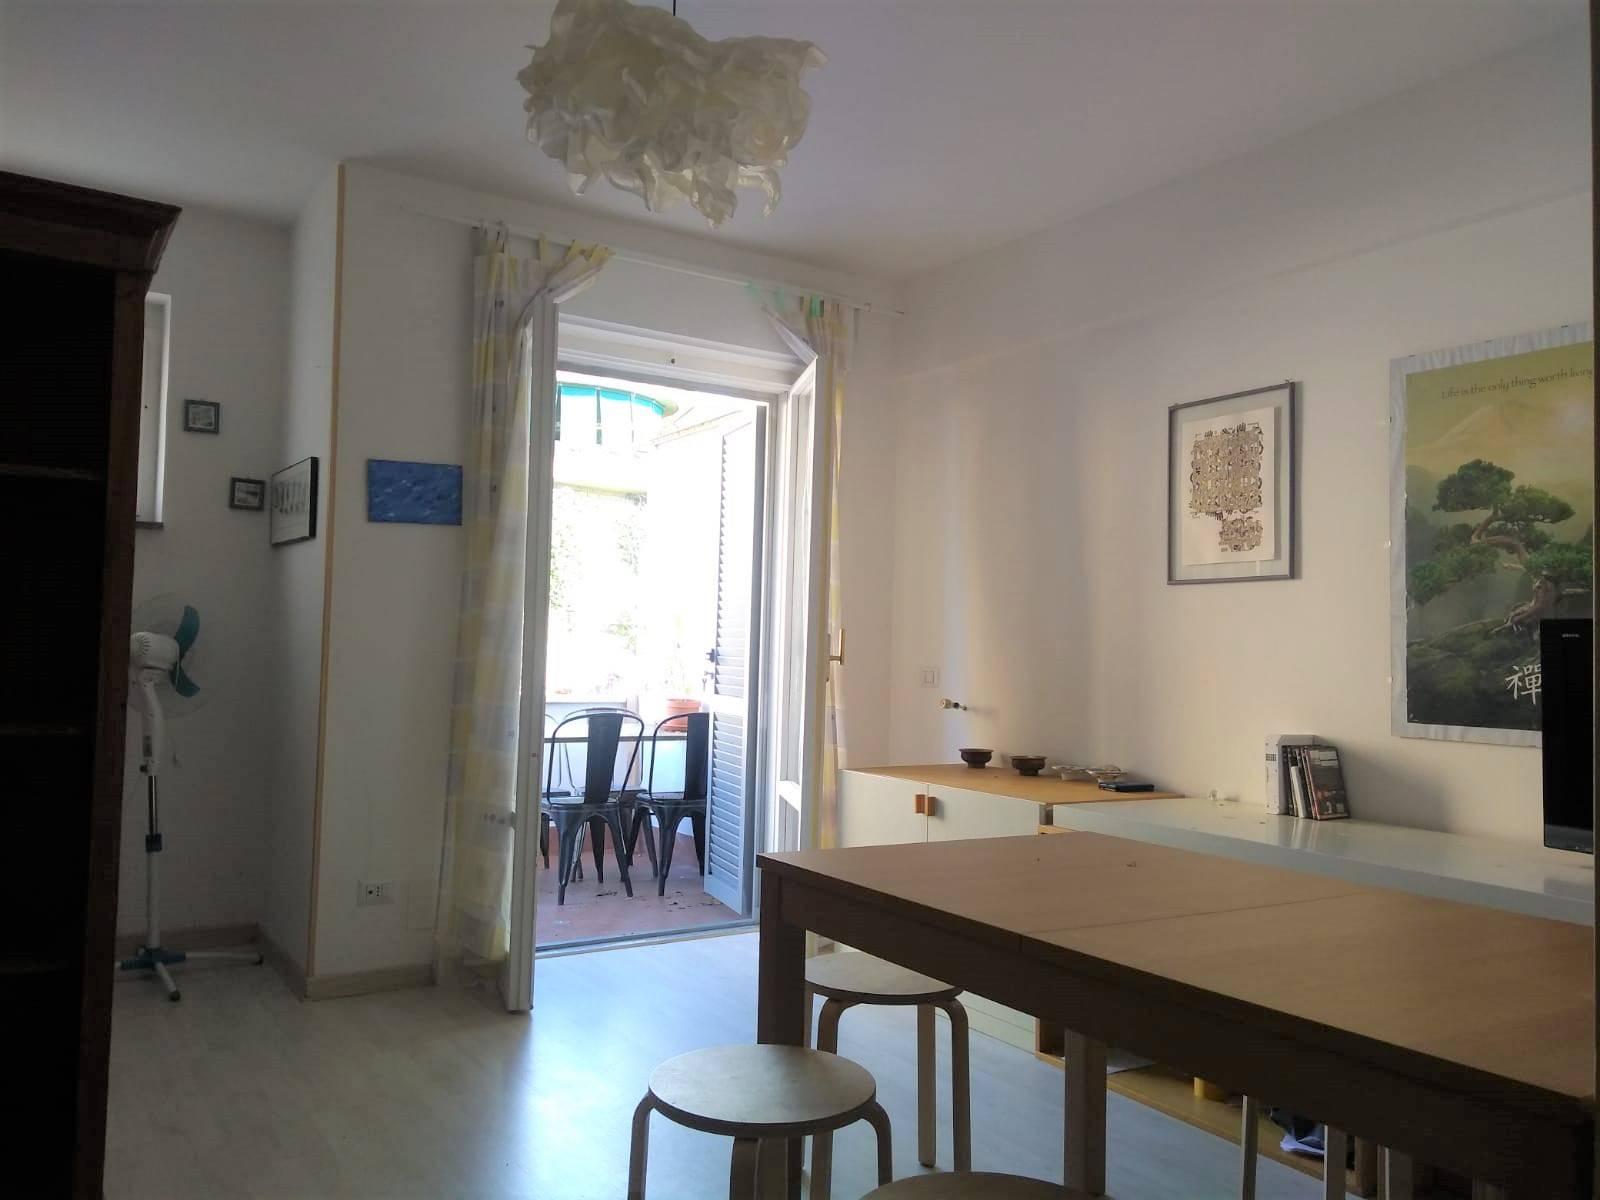 Appartamento in vendita a Montalto di Castro, 4 locali, prezzo € 70.000 | CambioCasa.it